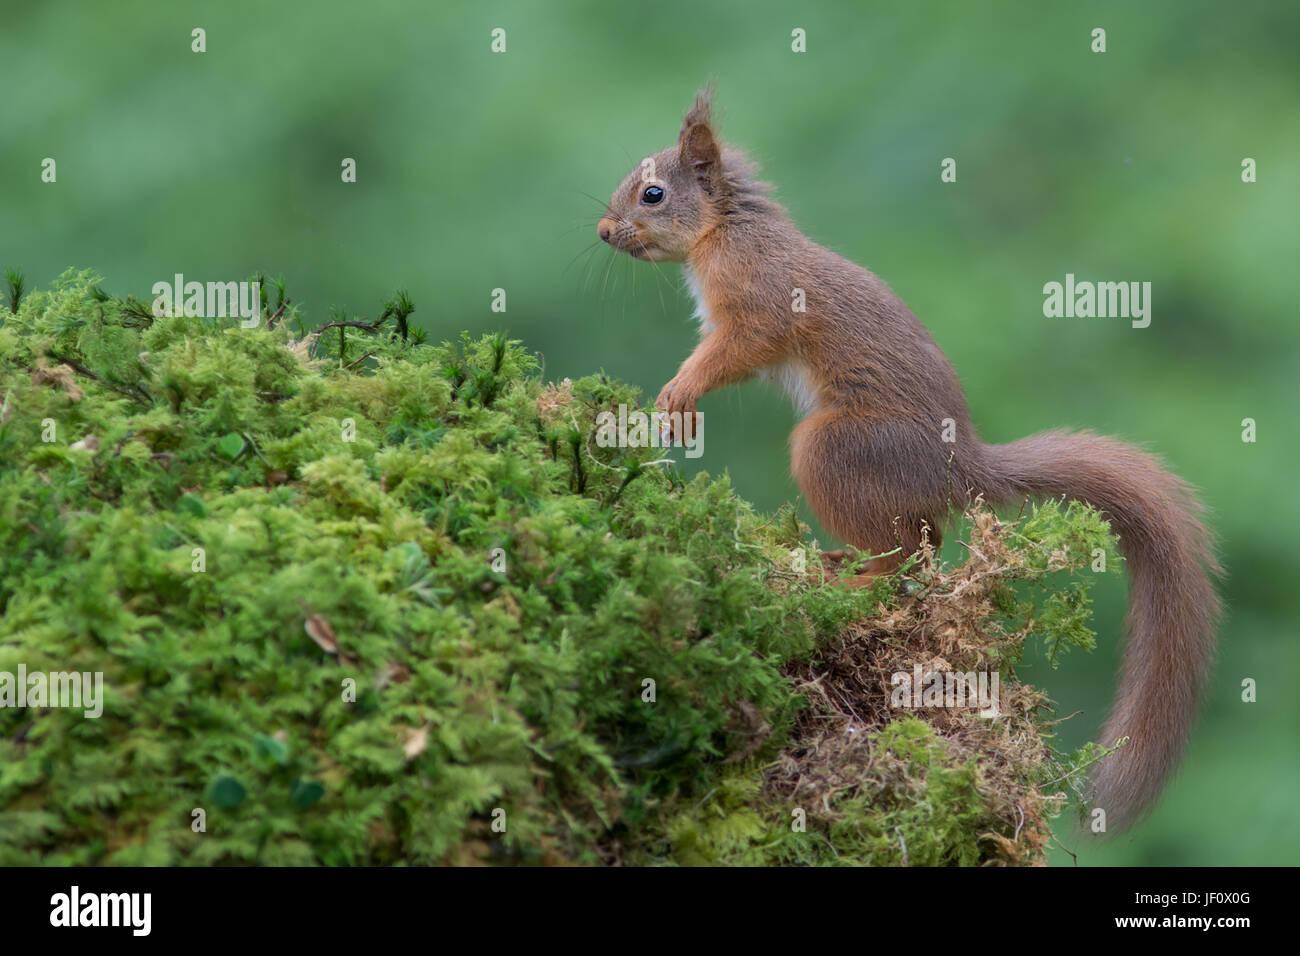 Una vista laterale a piena lunghezza ritratto di profilo di un avviso scoiattolo rosso permanente sulla fauna guardando Immagini Stock